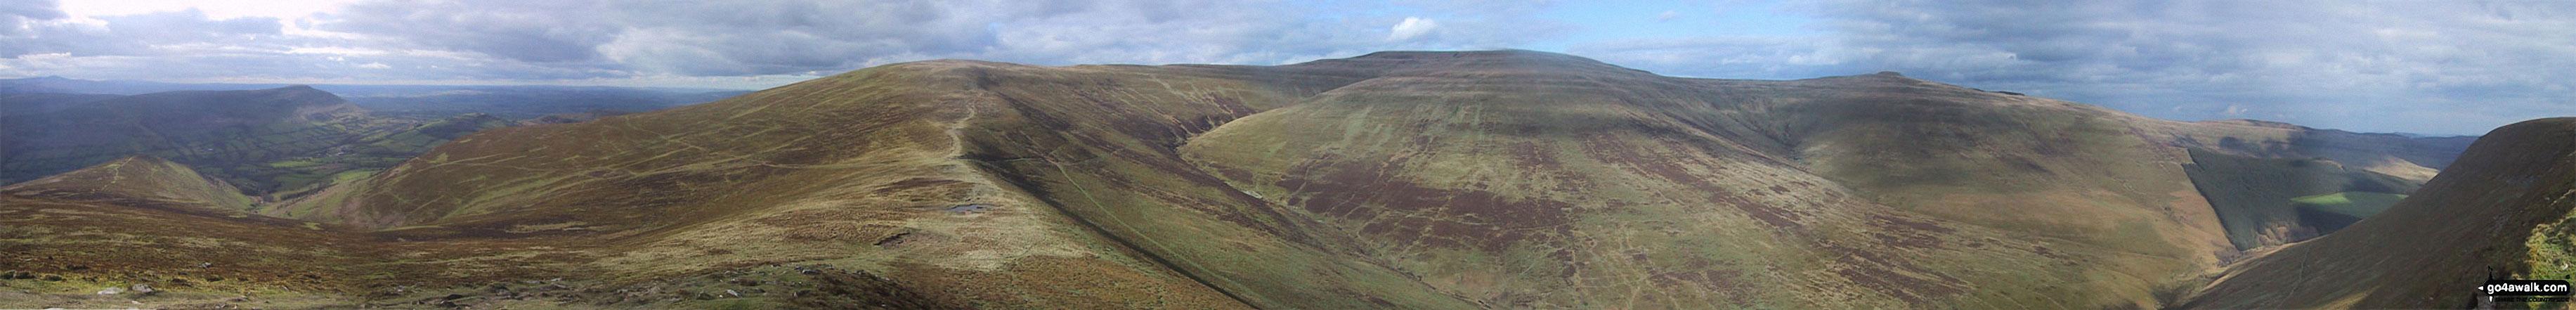 270° Panorama featuring Pengenfford, Pen Trumau, Waun Fach, Pen y Gadair Fawr, Pen Twyn Mawr, Crug Mawr and the The Grwyne Fechan valley from Mynydd Llysiau